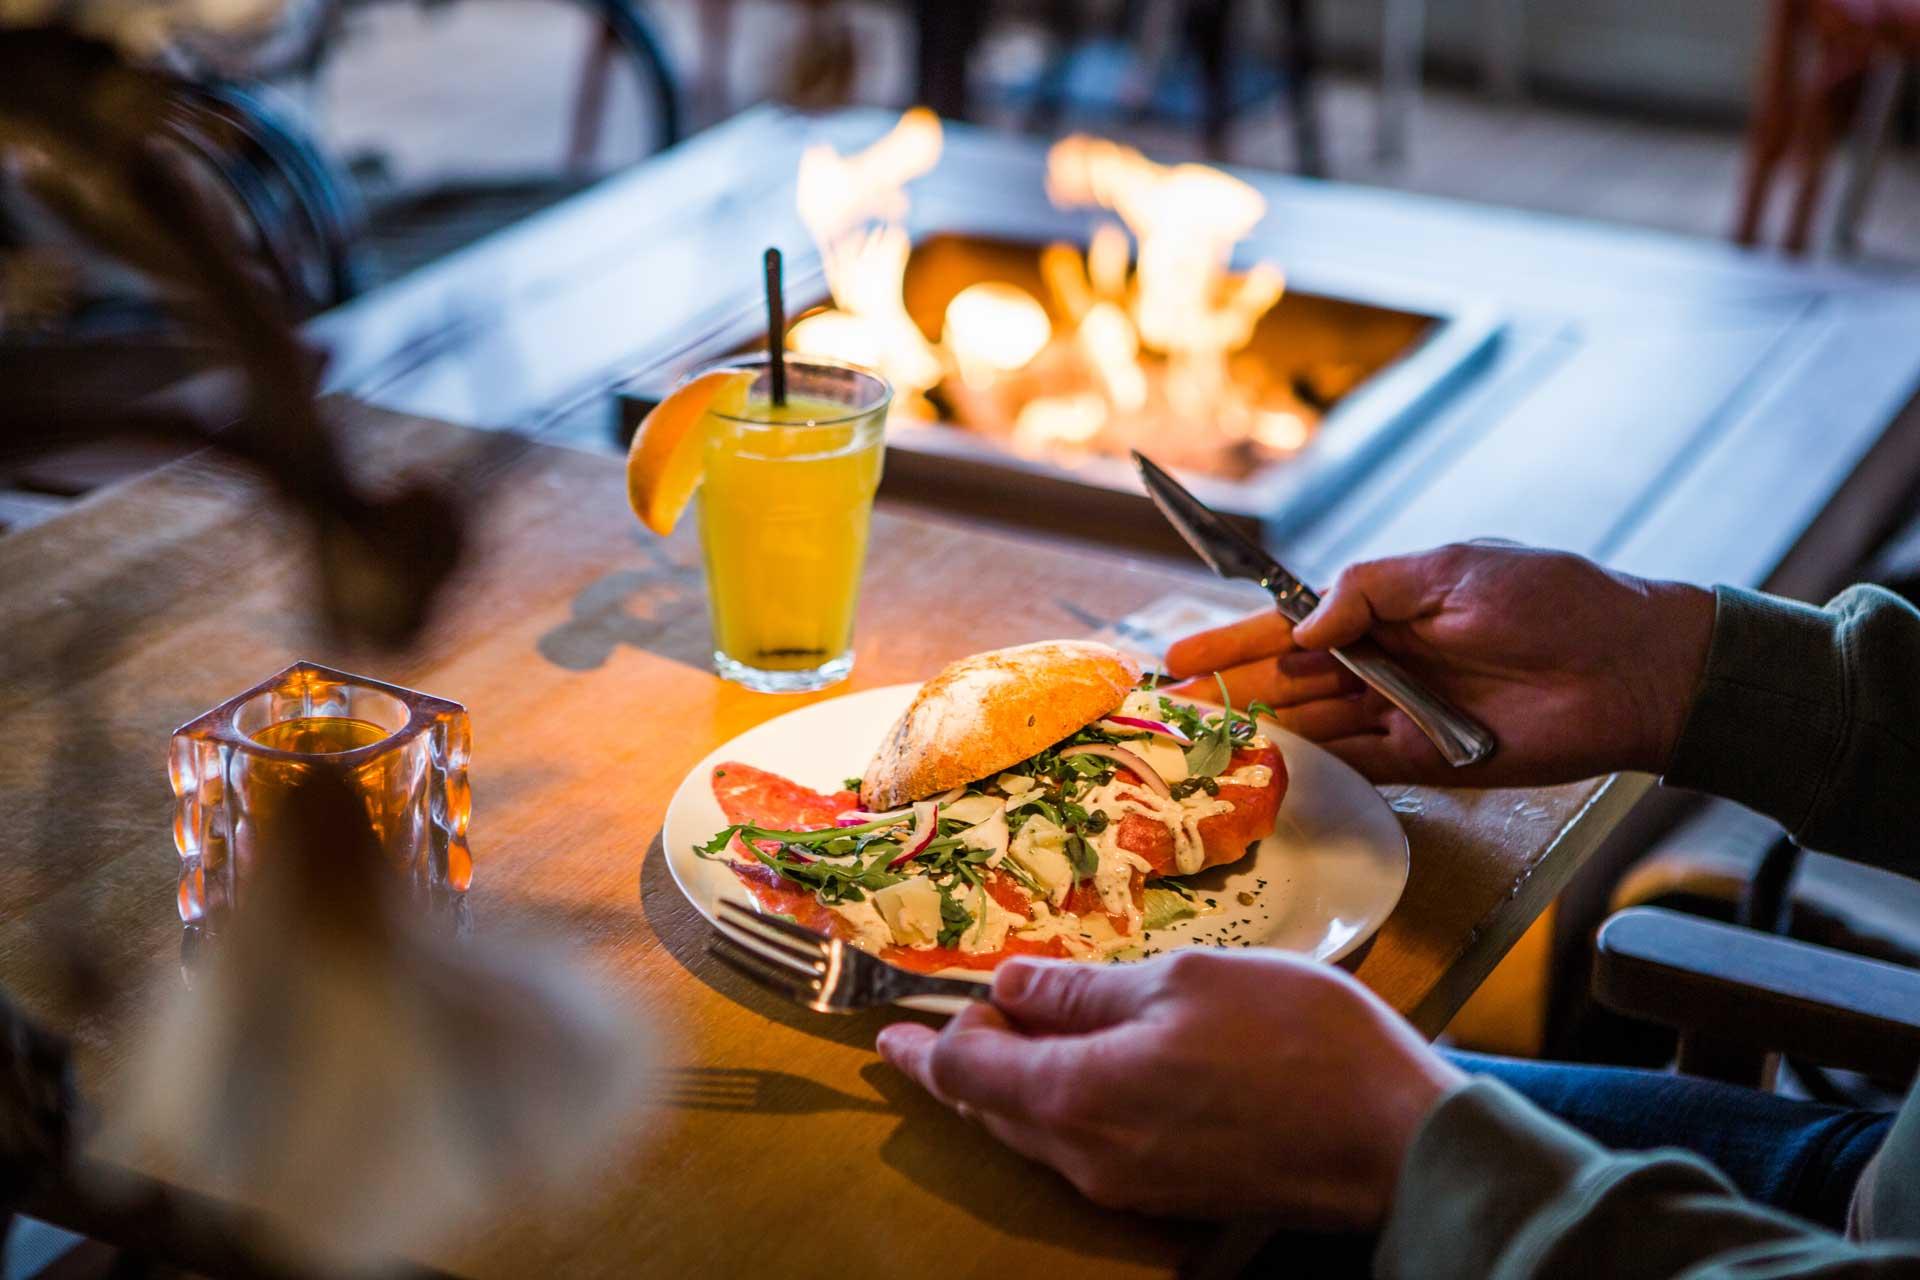 Lunchen op Scheveningen - Een lunch bij Grandcafé Binnen kent voldoende variëteit voor iedereen. Of je wilt genieten van een heerlijk broodje carpaccio, een clubsandwich zalm of een pannenkoek met appel en kaneel. Het kan allemaal.We serveren dagelijks de lunch vanaf 12:00 uur. Reserveren is niet noodzakelijk. Bent u met een groter gezelschap dan is Grandcafe Binnen ook de perfecte locatie. Ons Grandcafe is gevestigd aan de boulevard, onder het Kurhaus.We hopen u en uw gezelschap graag te mogen verwelkomen.